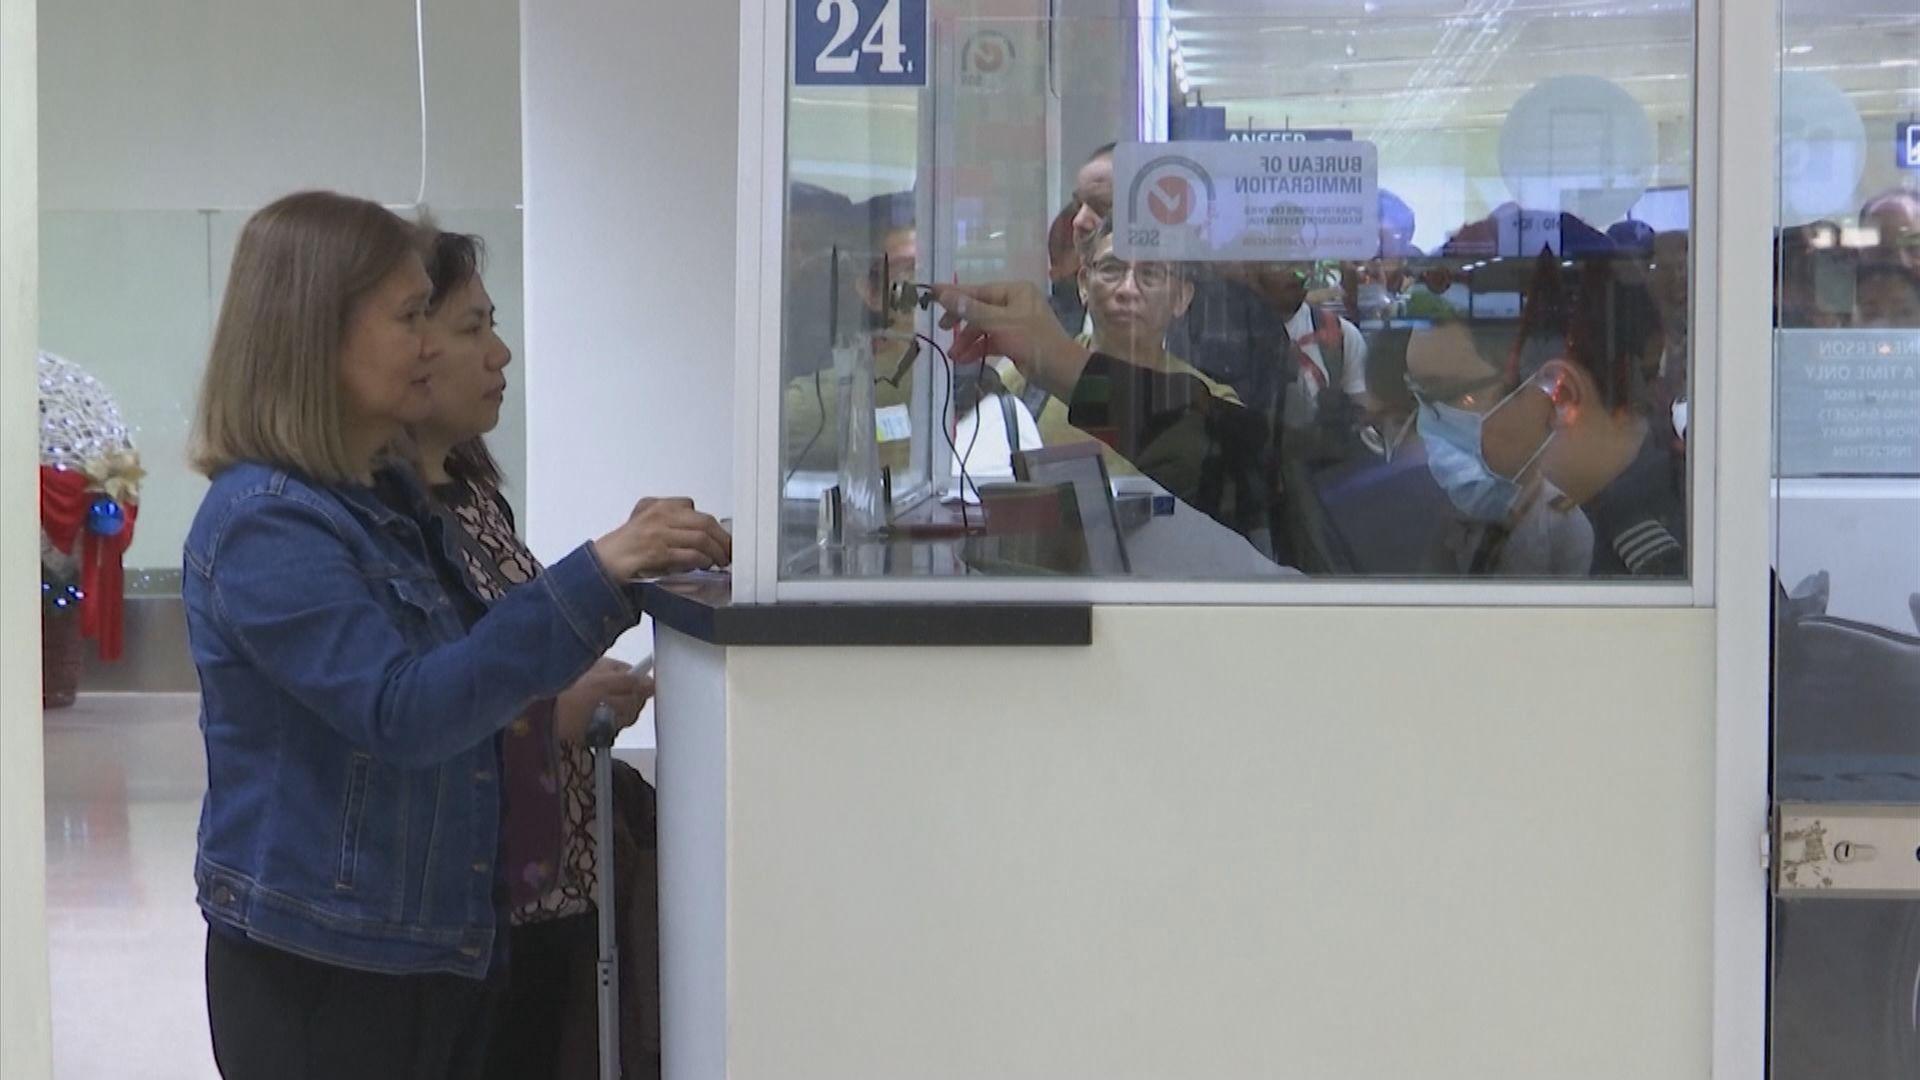 菲律賓禁中國和港澳旅客入境